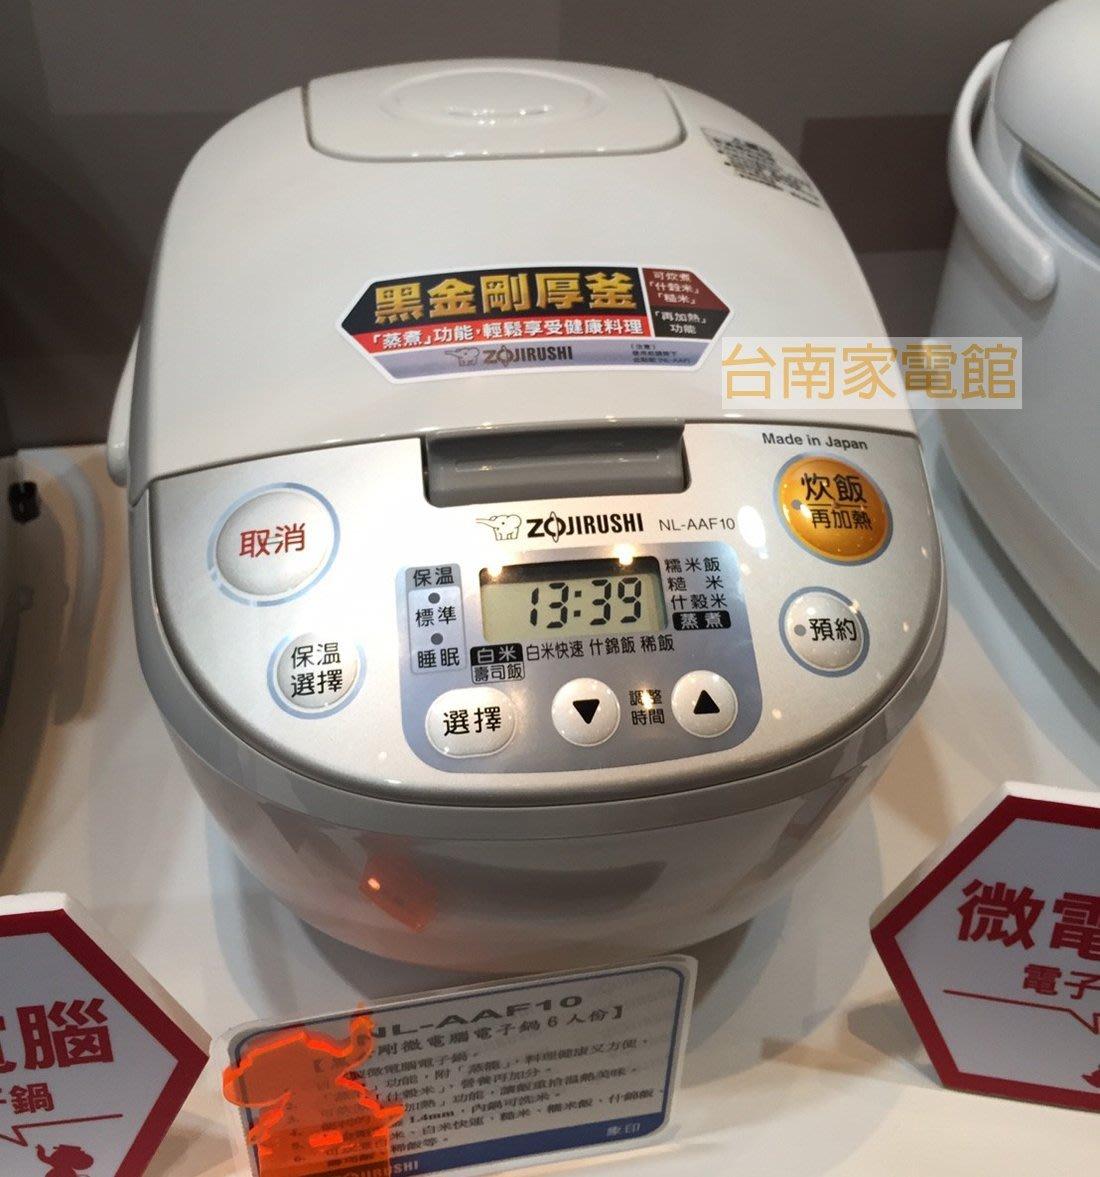 台南家電館-象印黑金鋼微電腦電子鍋6人份<NL-AAF10>日本原裝~另有售10人份